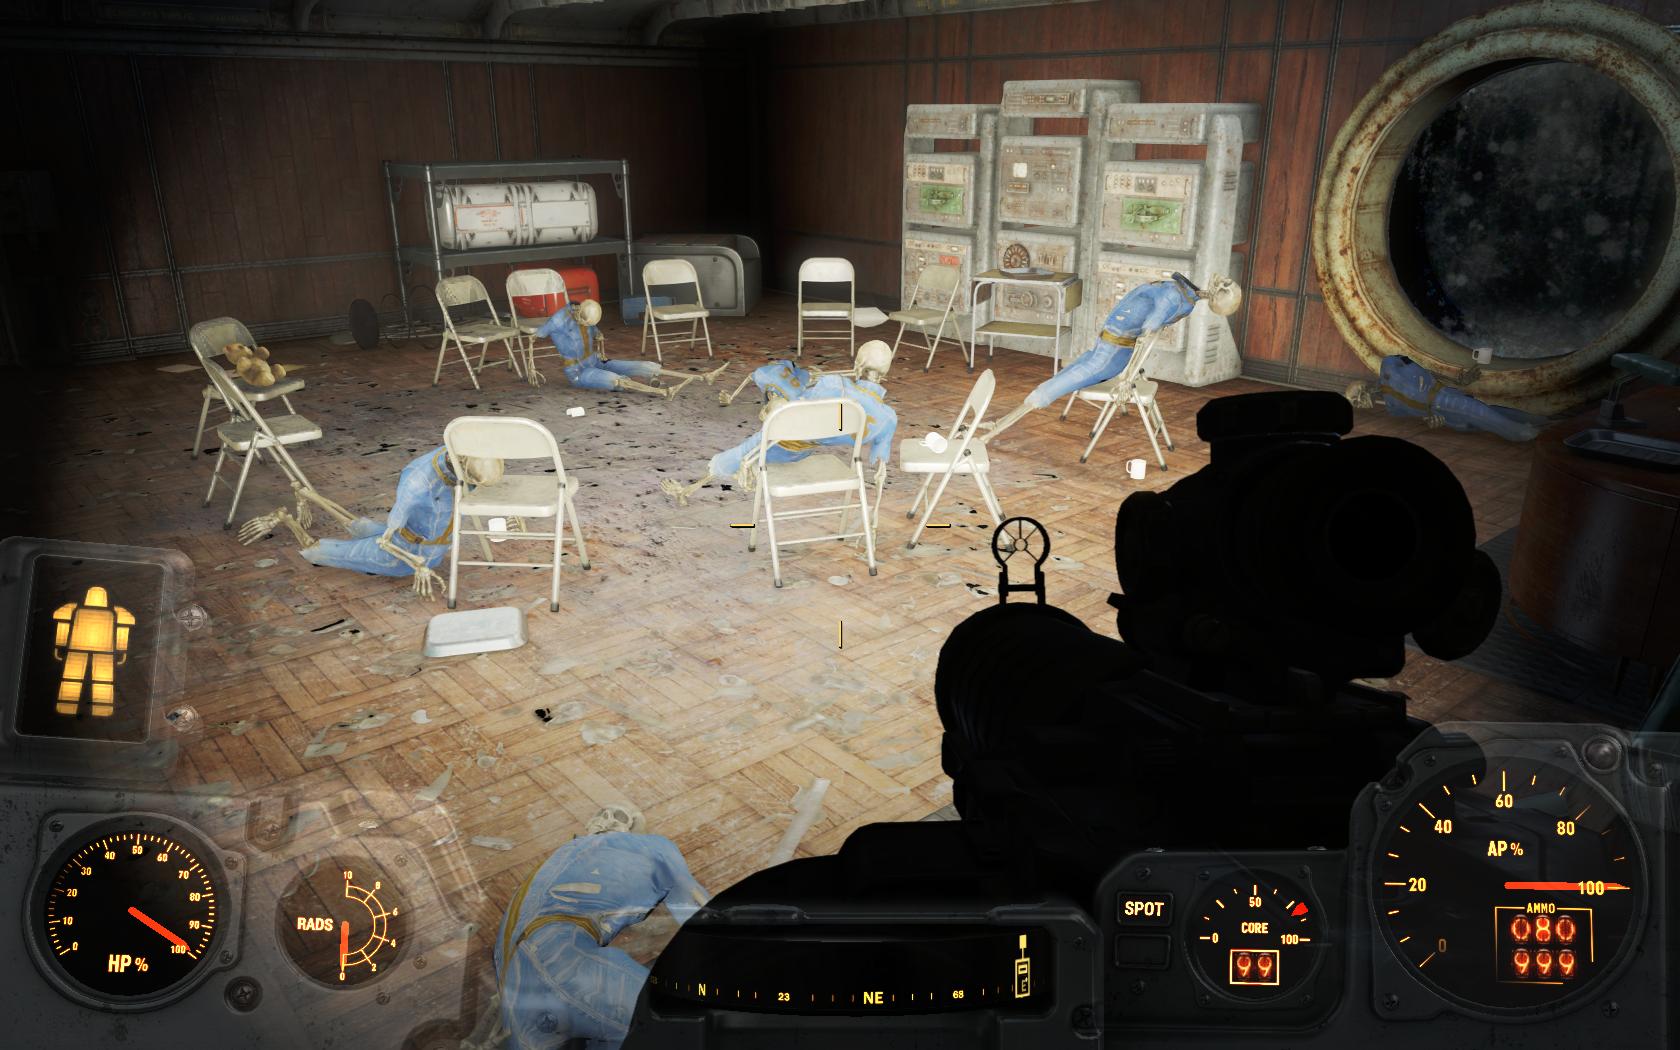 Бойня - Выжил только мишка (Убежище 95) - Fallout 4 Скелет, Убежище, Убежище 95